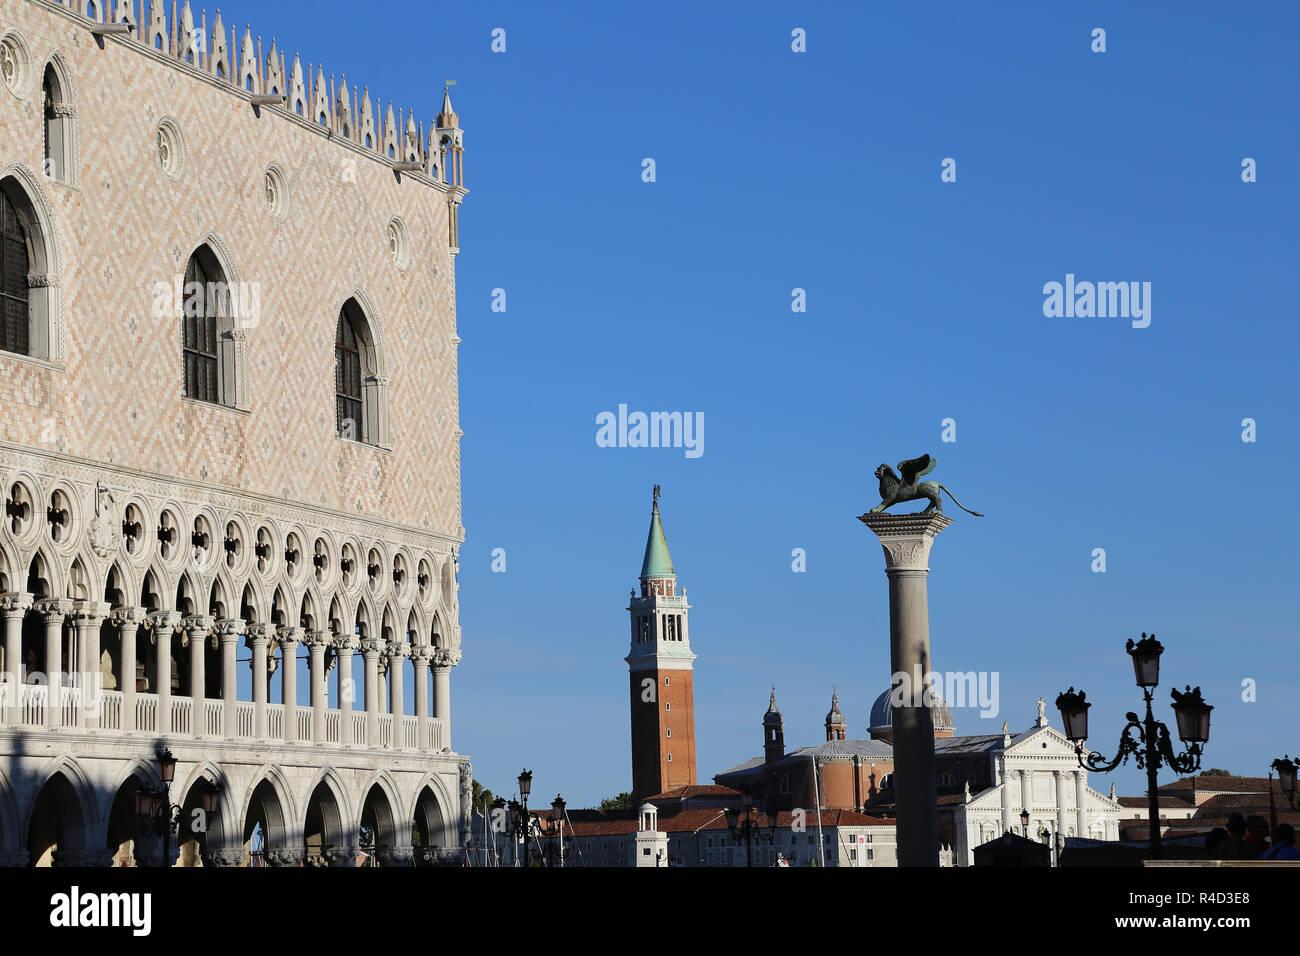 Italy.  Venice. Doge's Palace. 14th-15th century. Venetian Gothic style. Facade. Veneto Region. Stock Photo